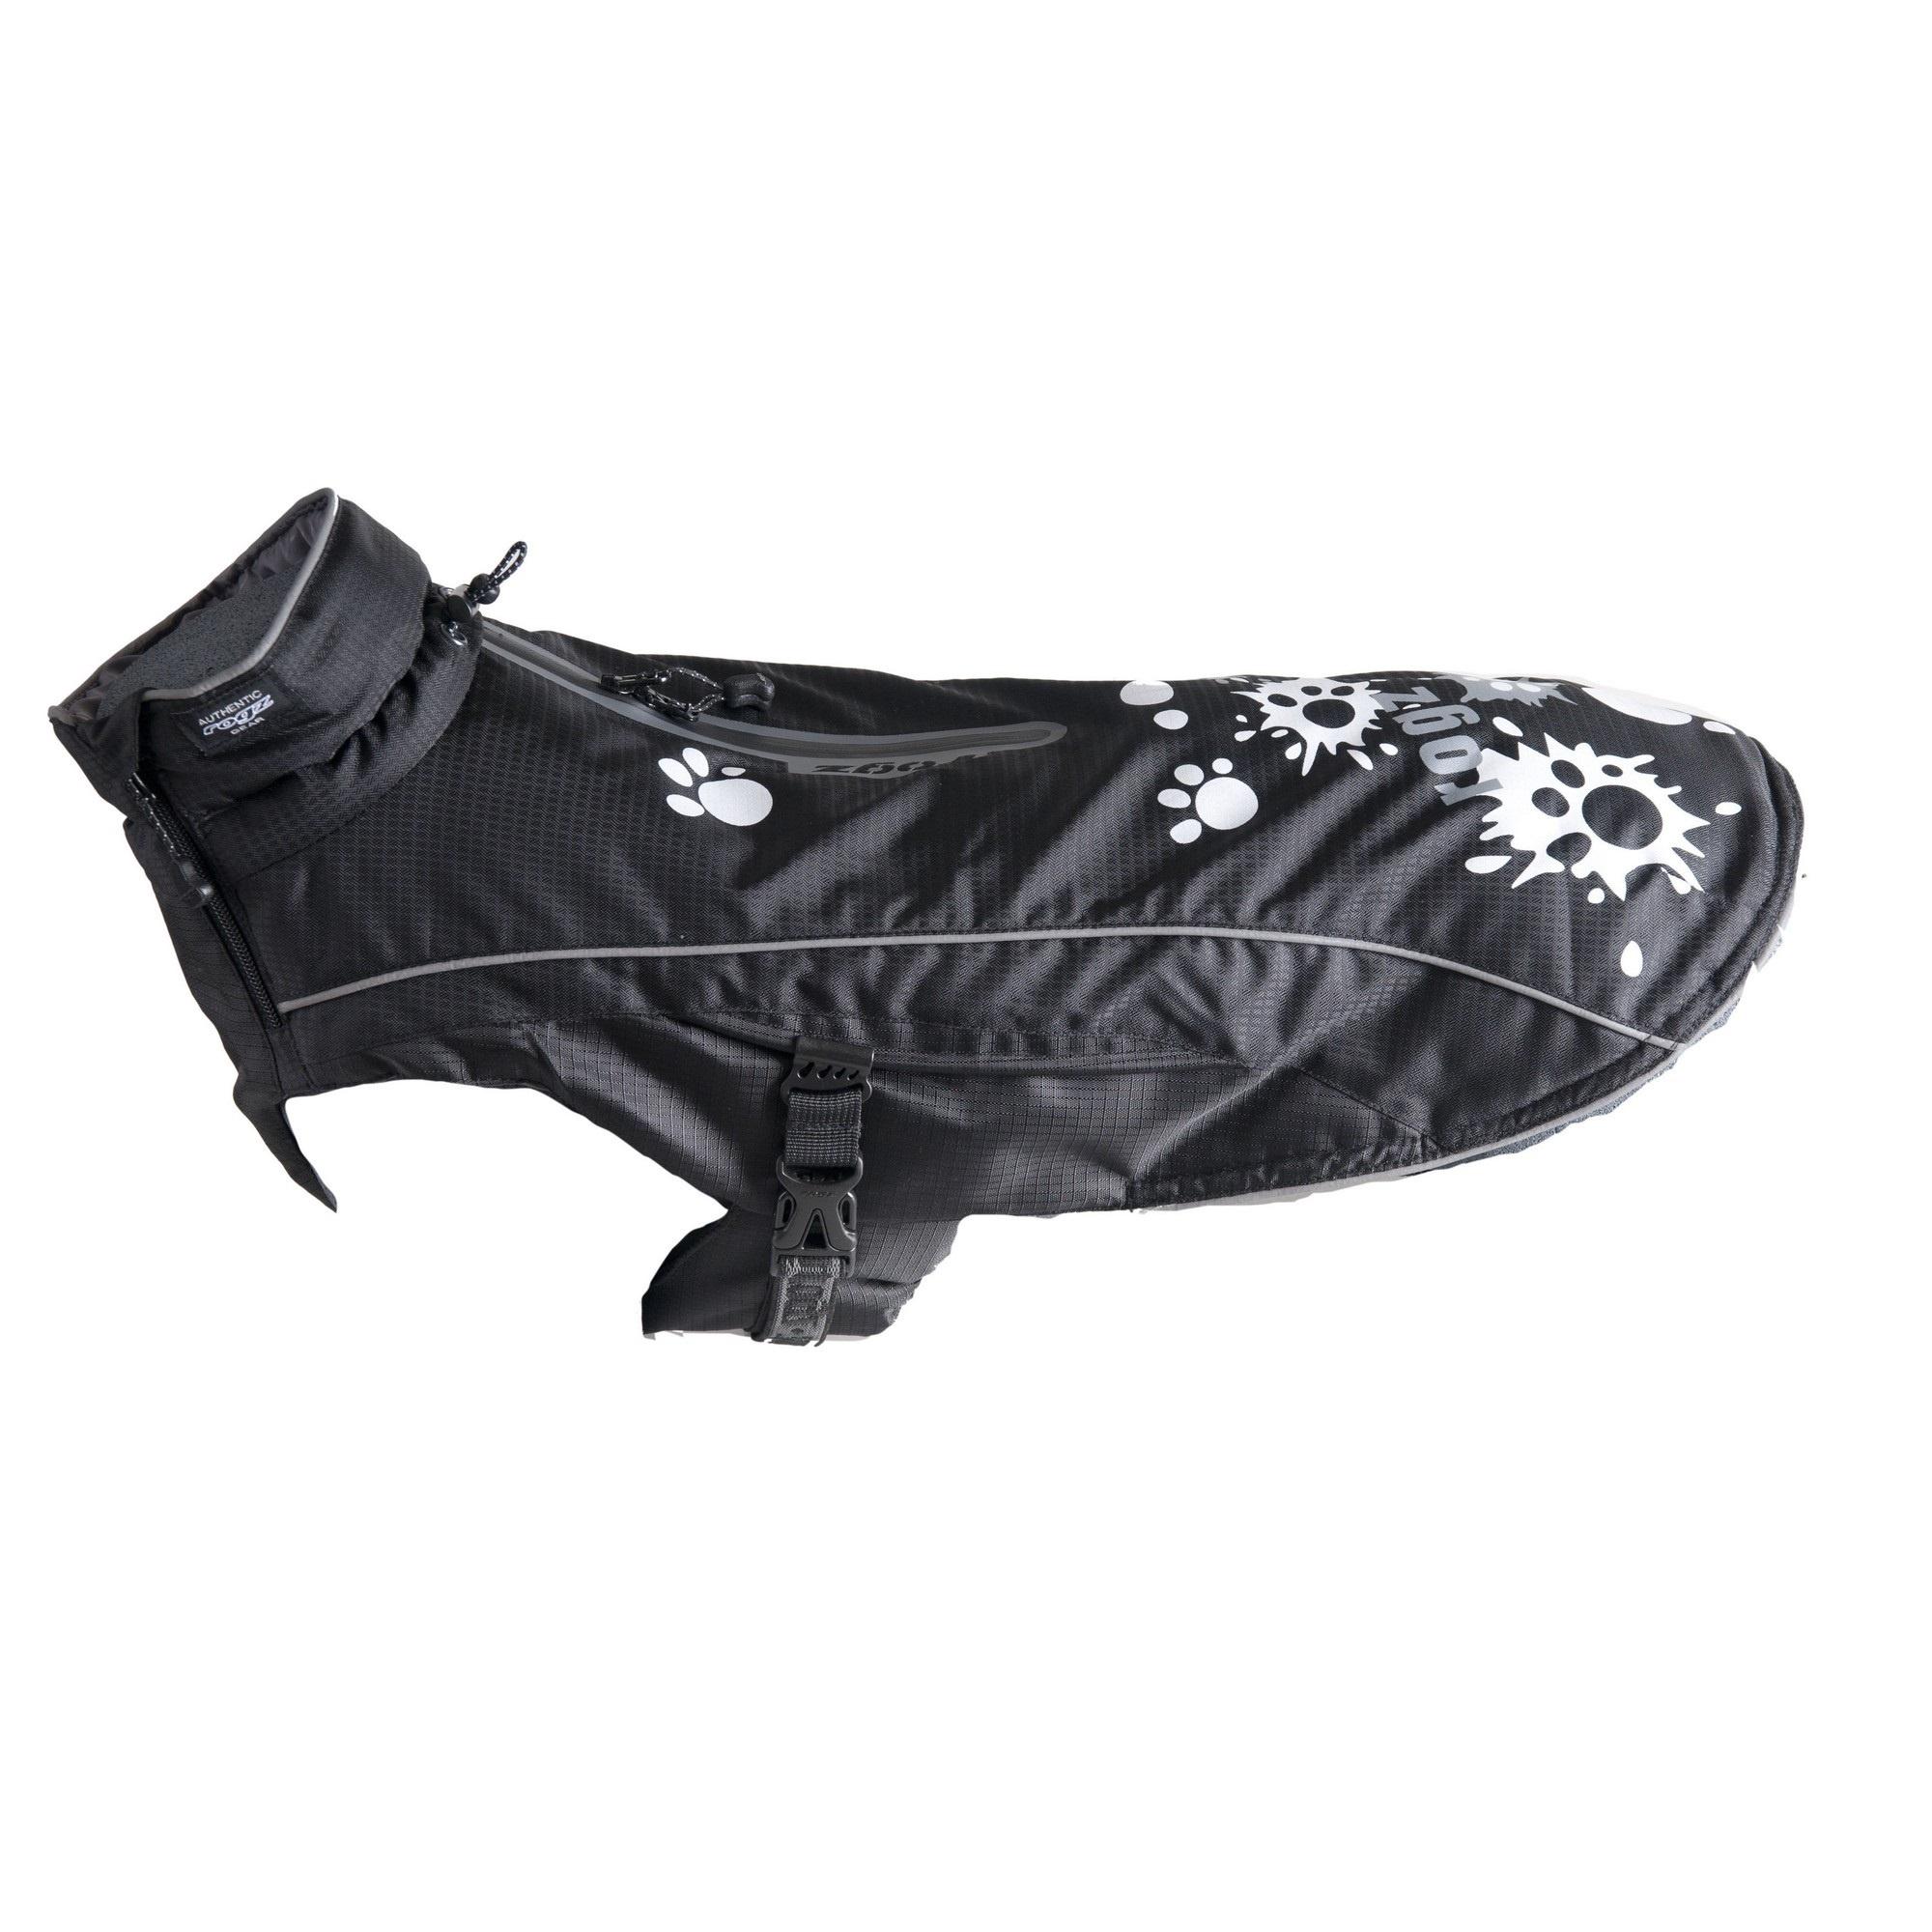 Kruuse-Rogz-Snowskin-Waterproof-Thermal-Dog-Jacket-VP1909